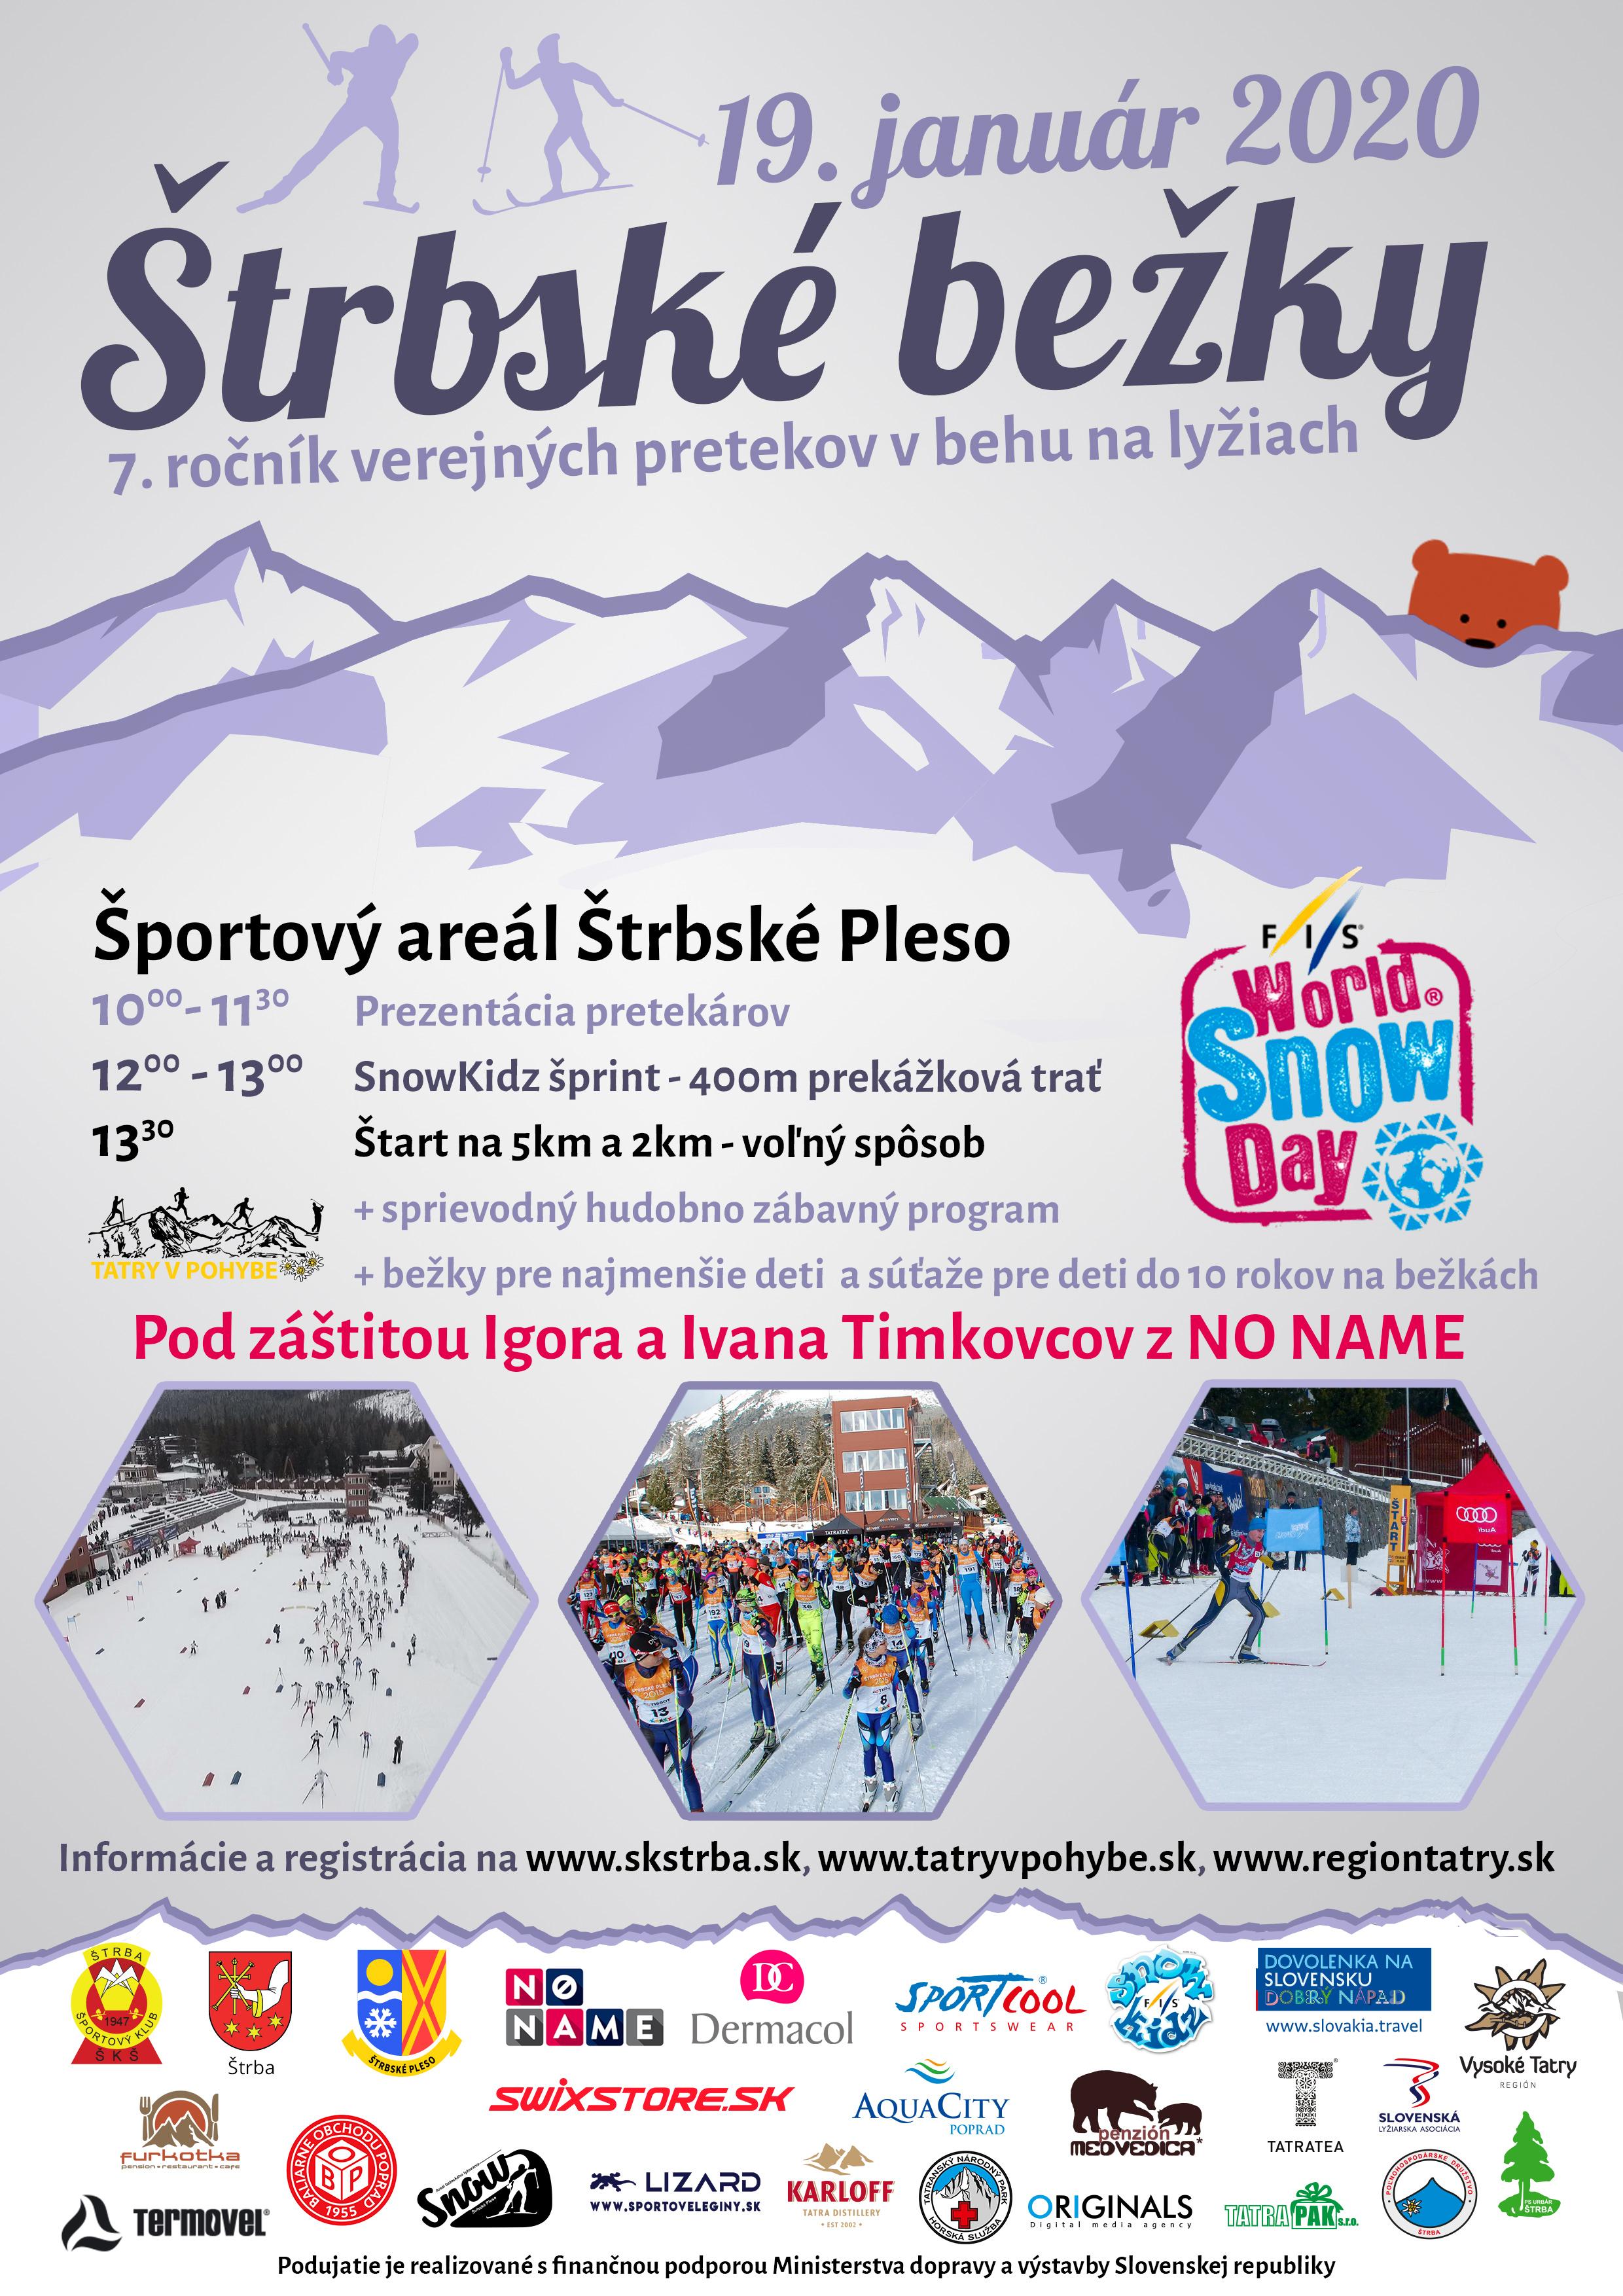 Verejné preteky v behu na lyžiach Štrbské bežky budú opäť oslavou svetového dňa snehu. Siedmykrát odštartujú aj členovia skupiny No Name.